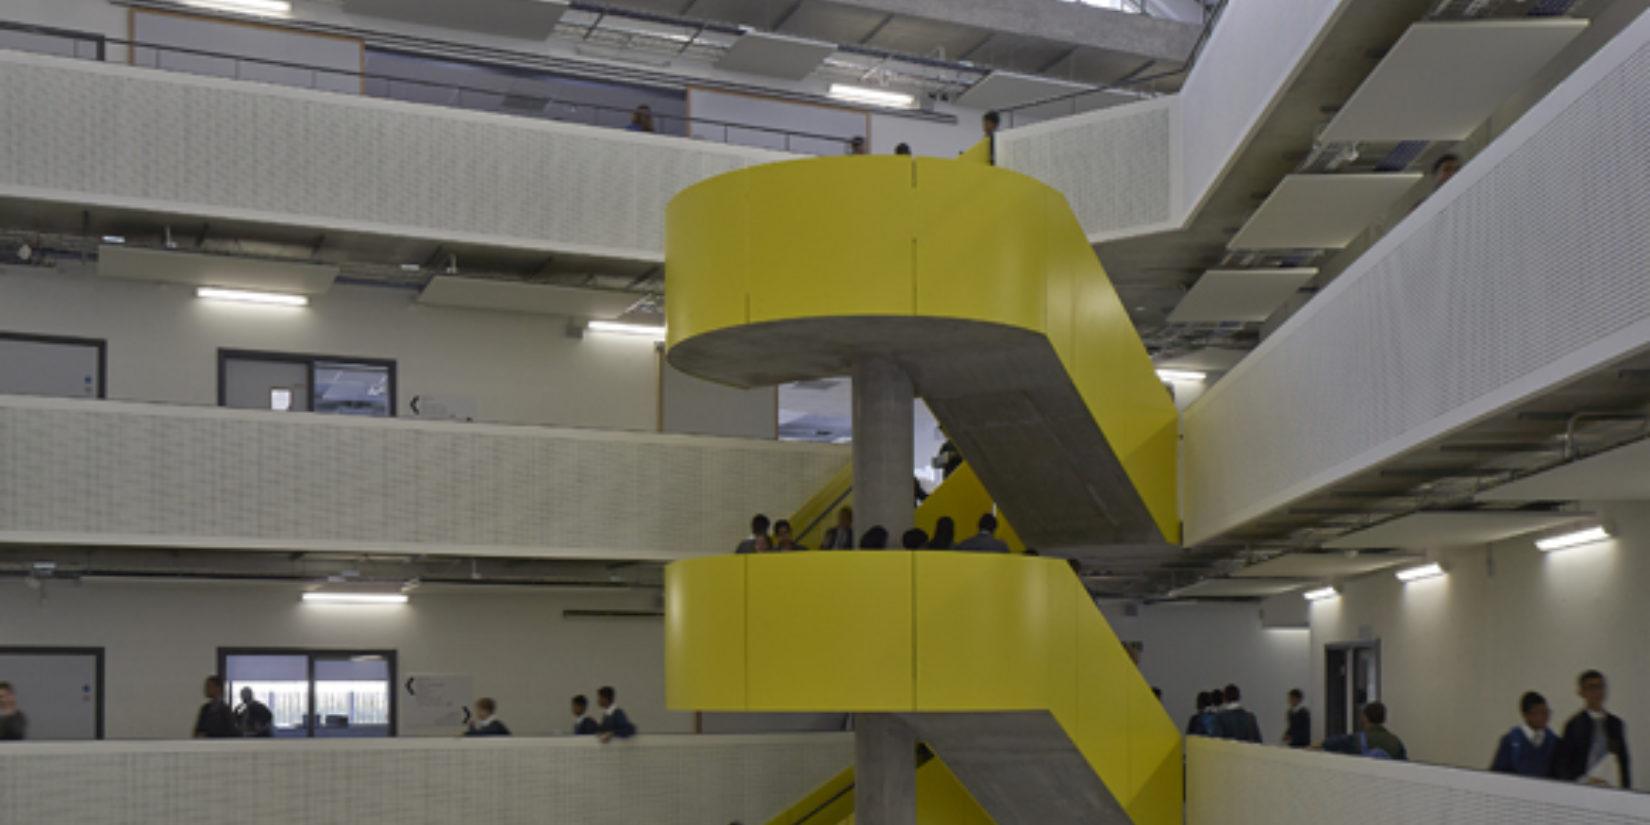 C D Bow Road School 2